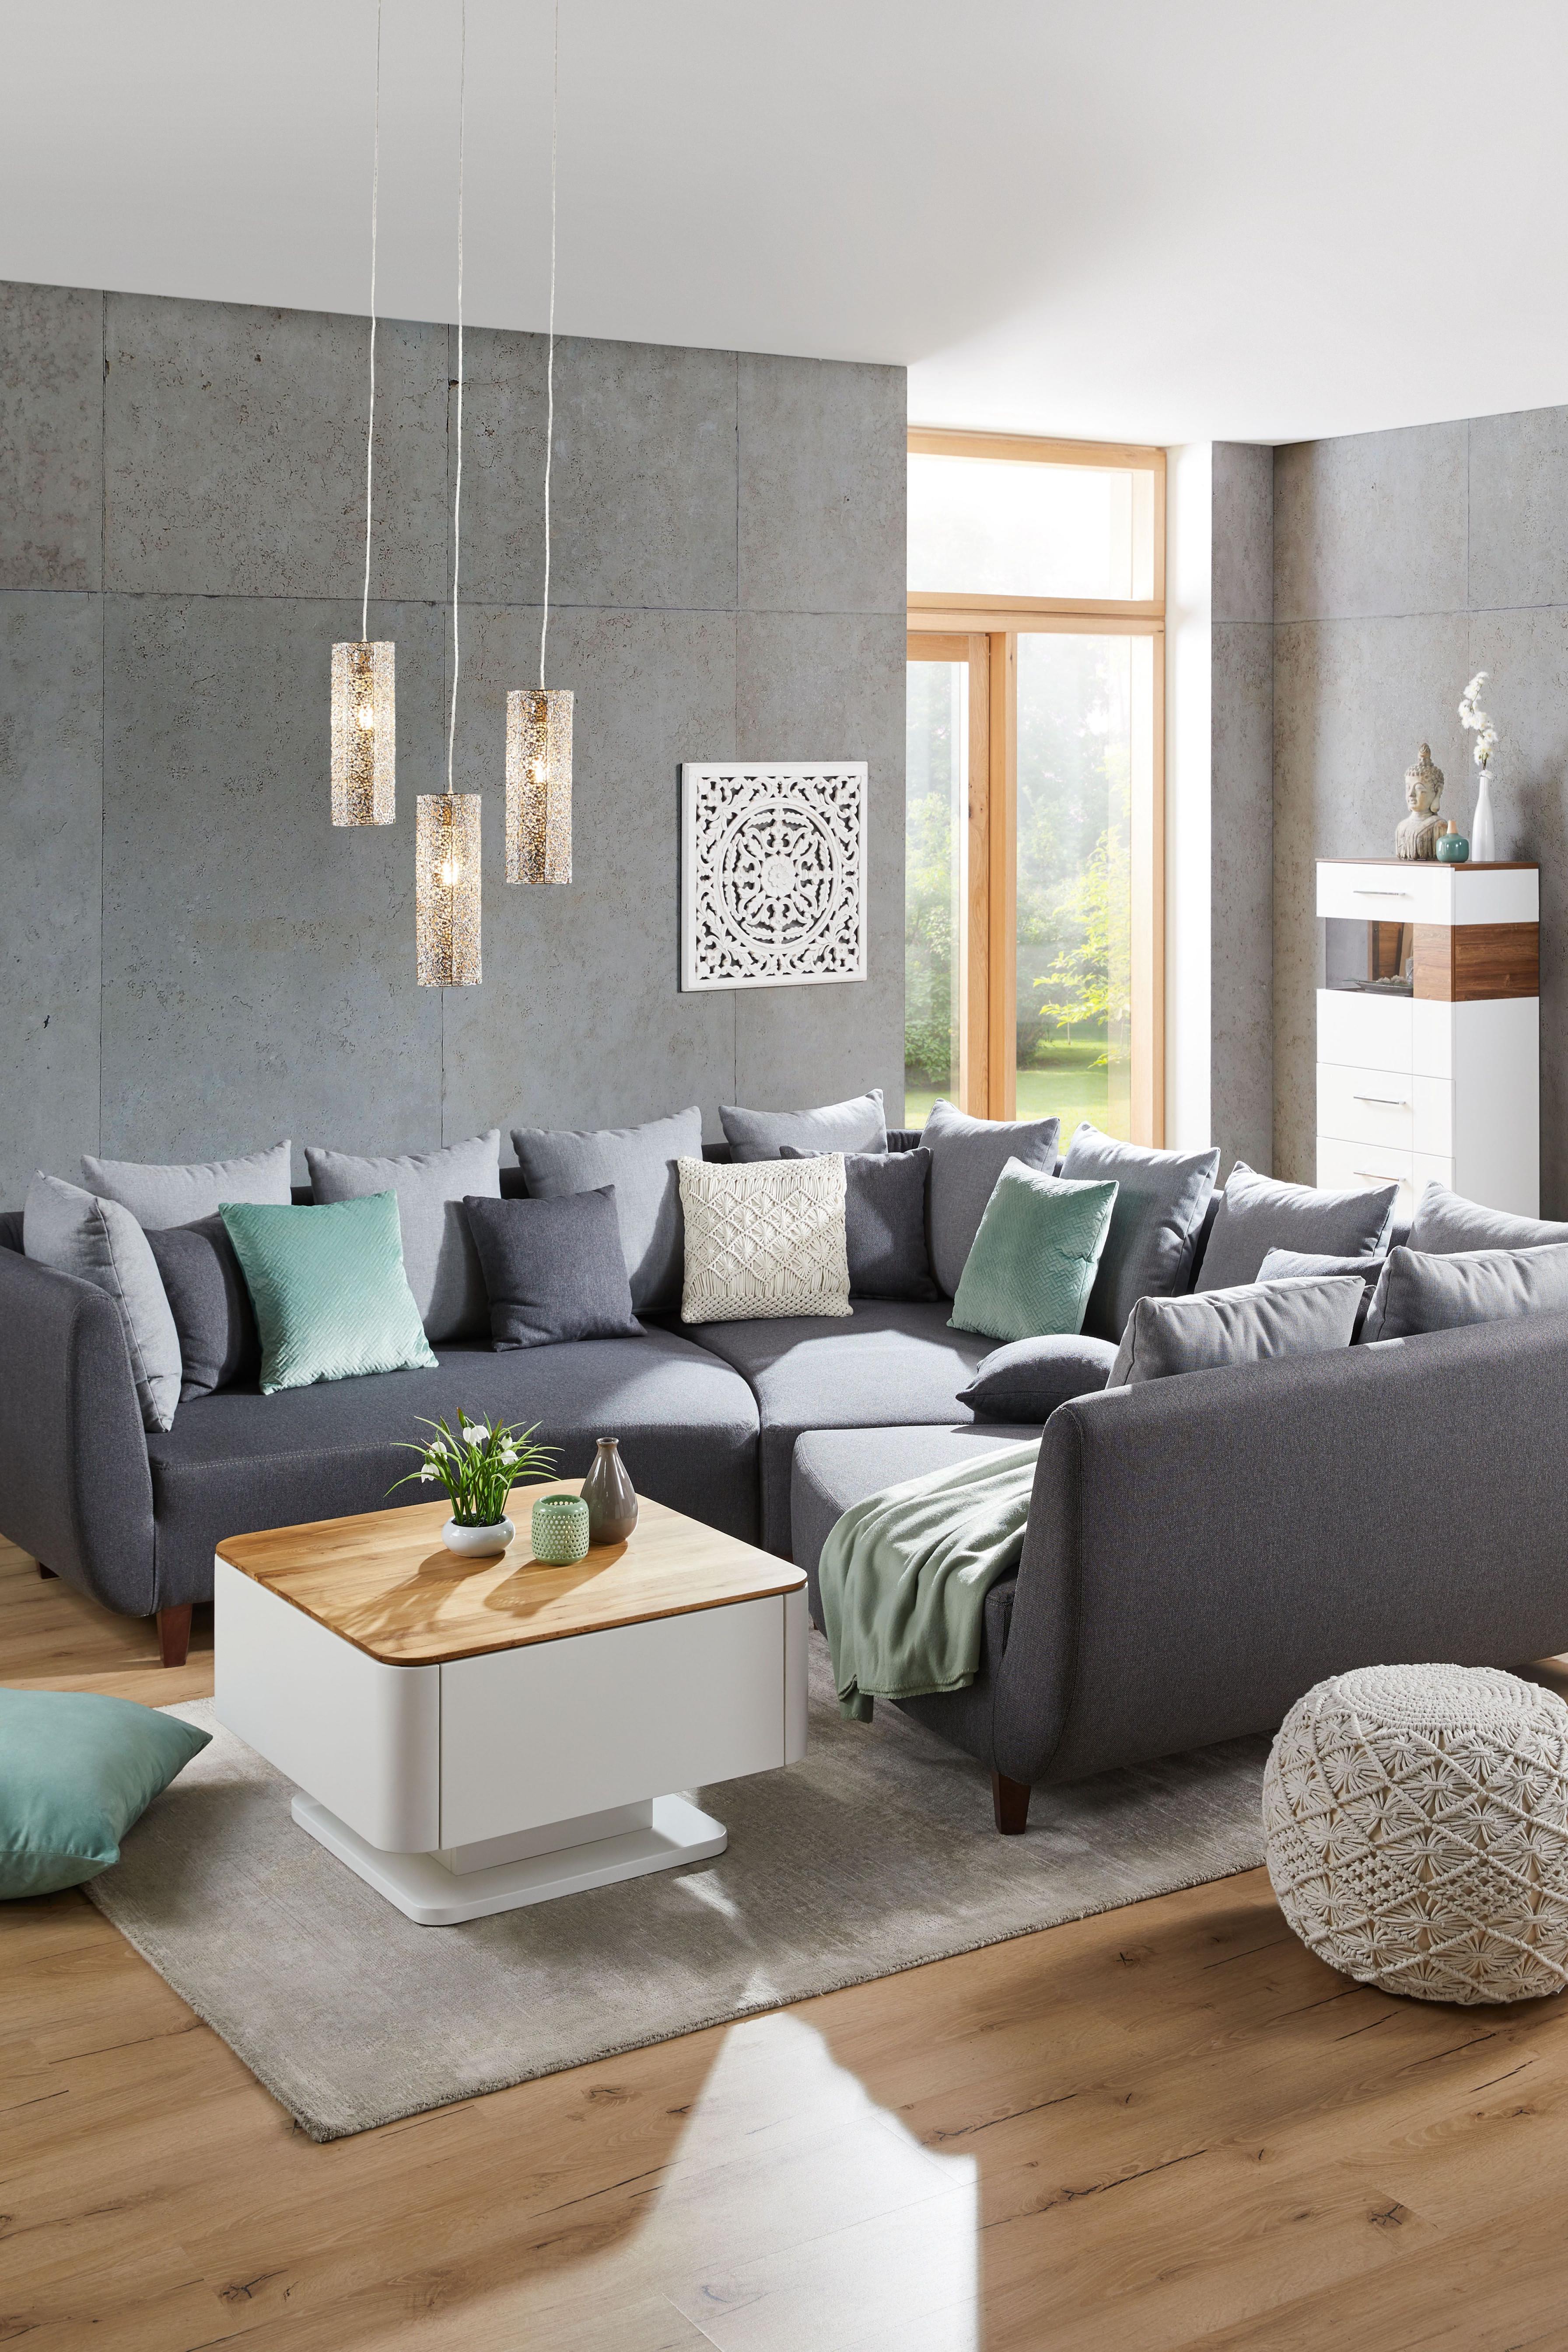 Sofaelement In Grau  Wohnzimmer Ideen Modern Graues Sofa von Wohnzimmer Ideen Graues Sofa Photo